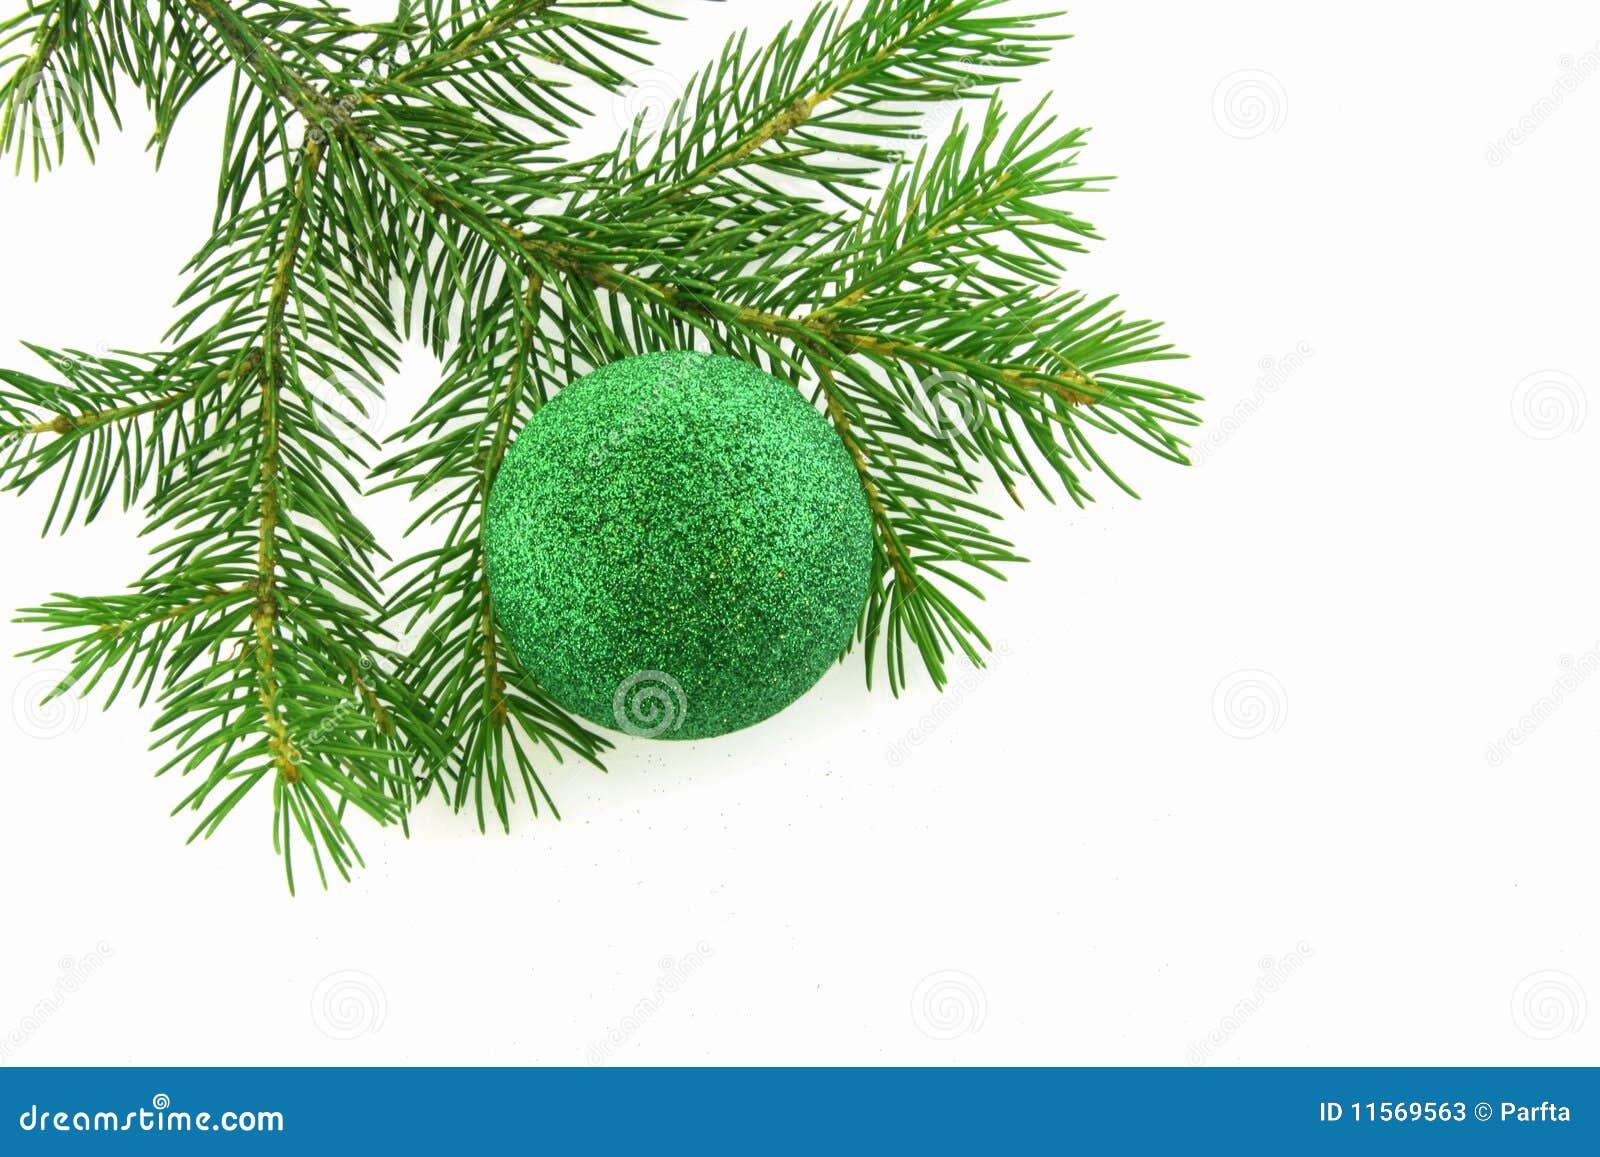 Stock photos christmas still life fur tree image